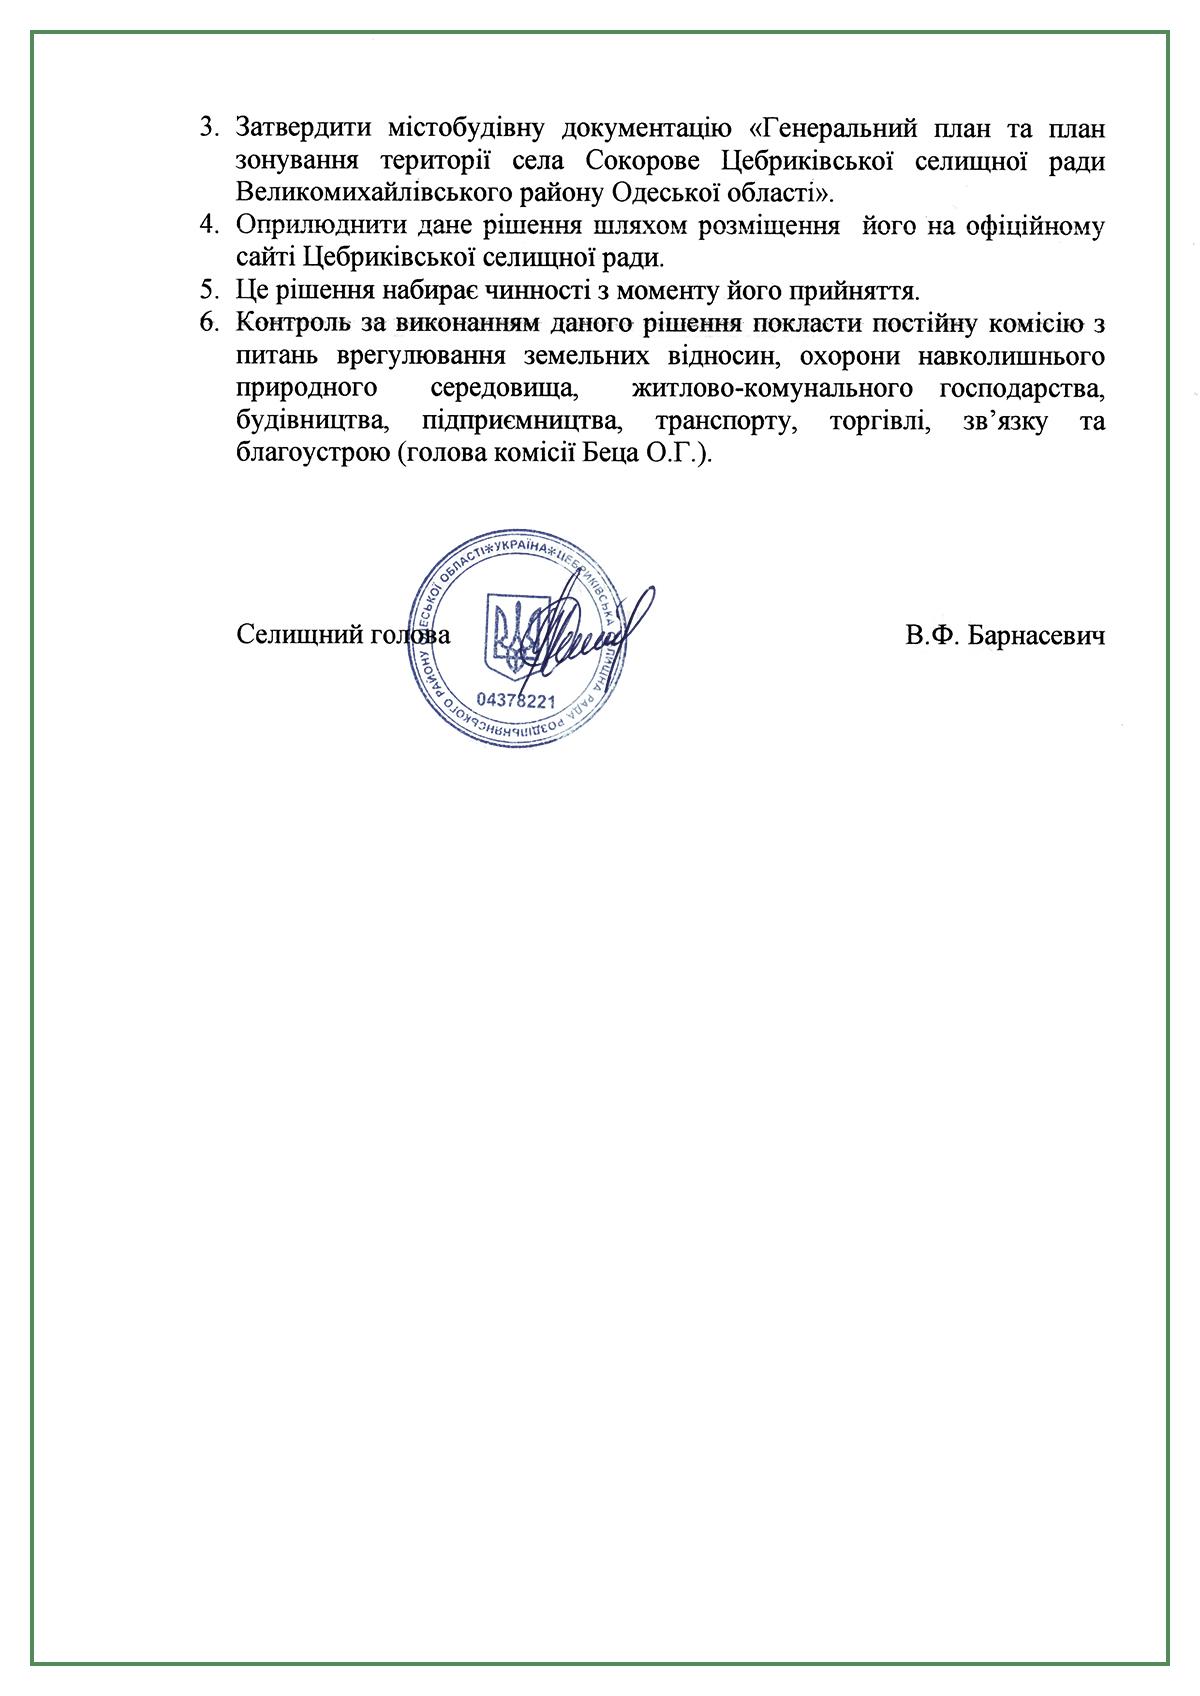 утвердили генплан Вишневое Привольное Сокорово